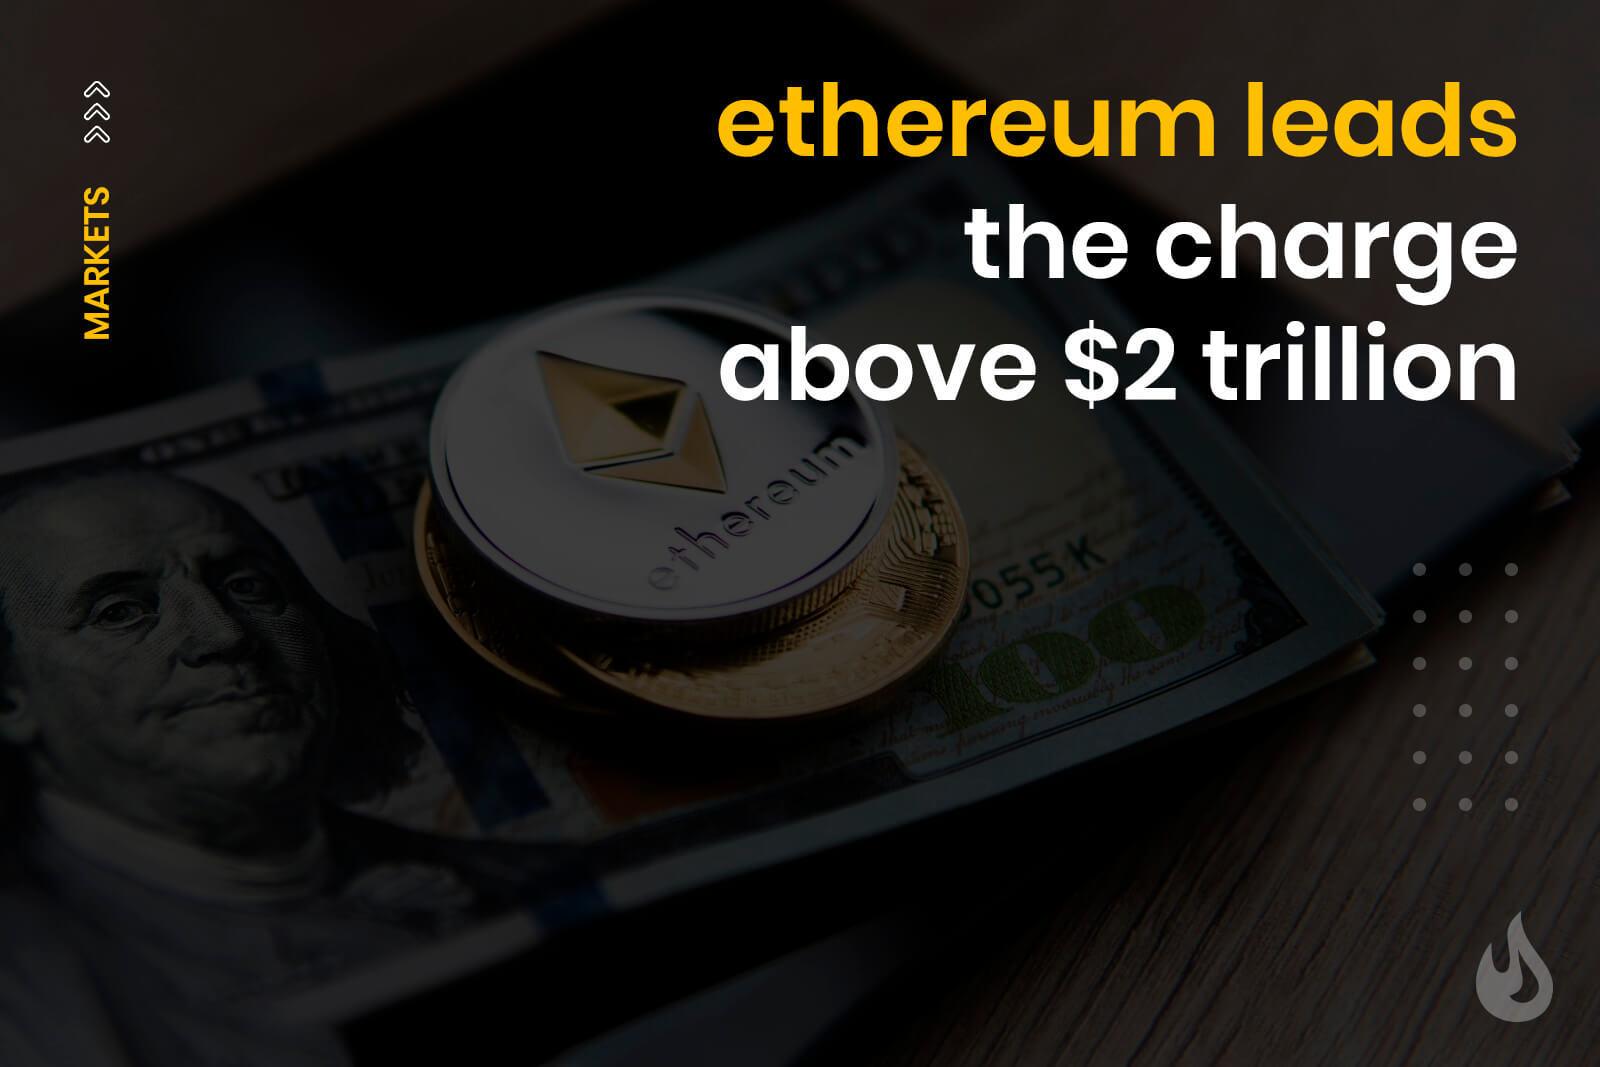 ethereum crypto market cap 2 trillion